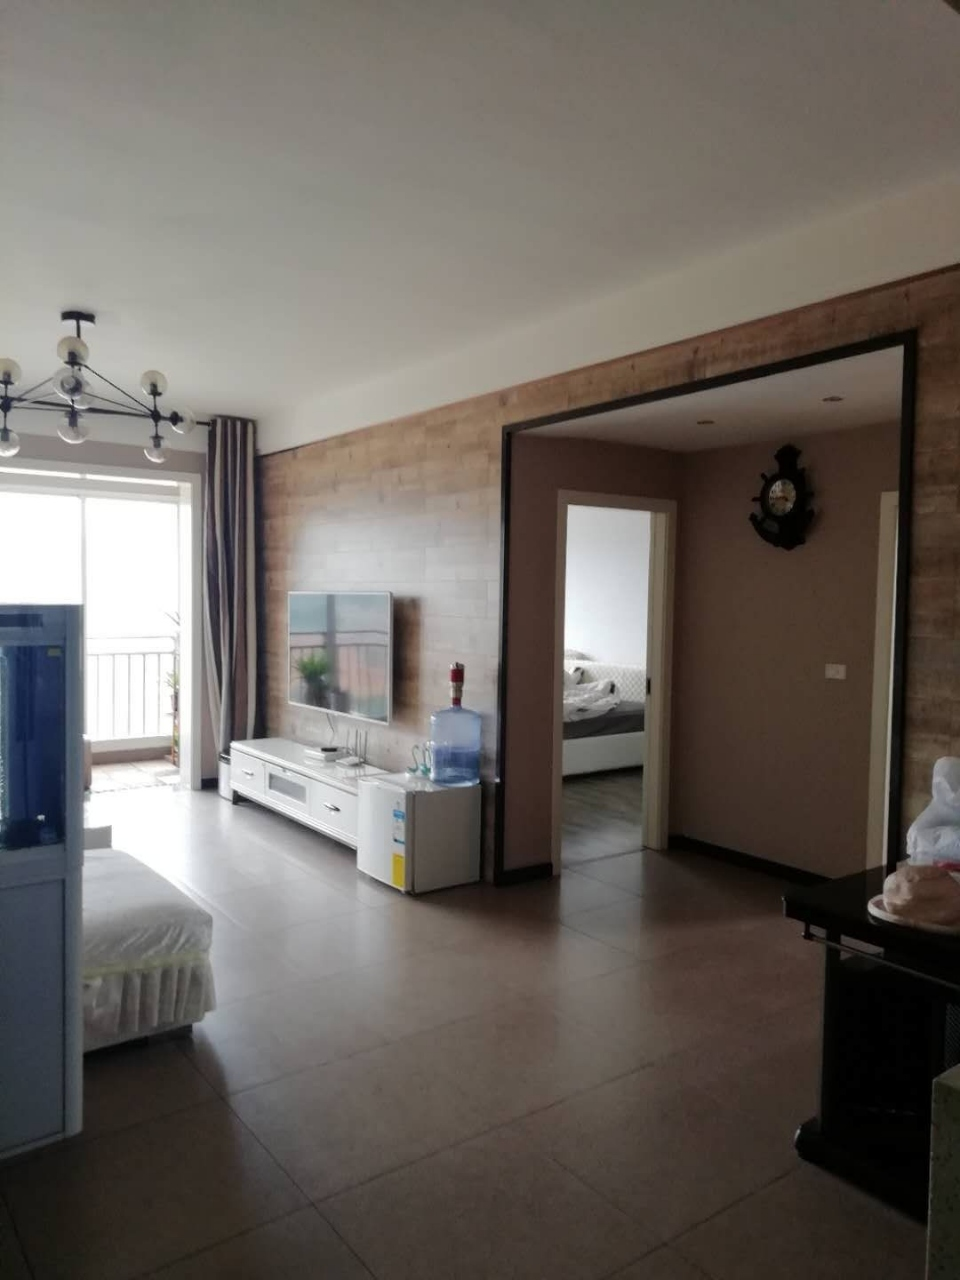 麒龙城市广场3室 1厅 1卫48.8万元